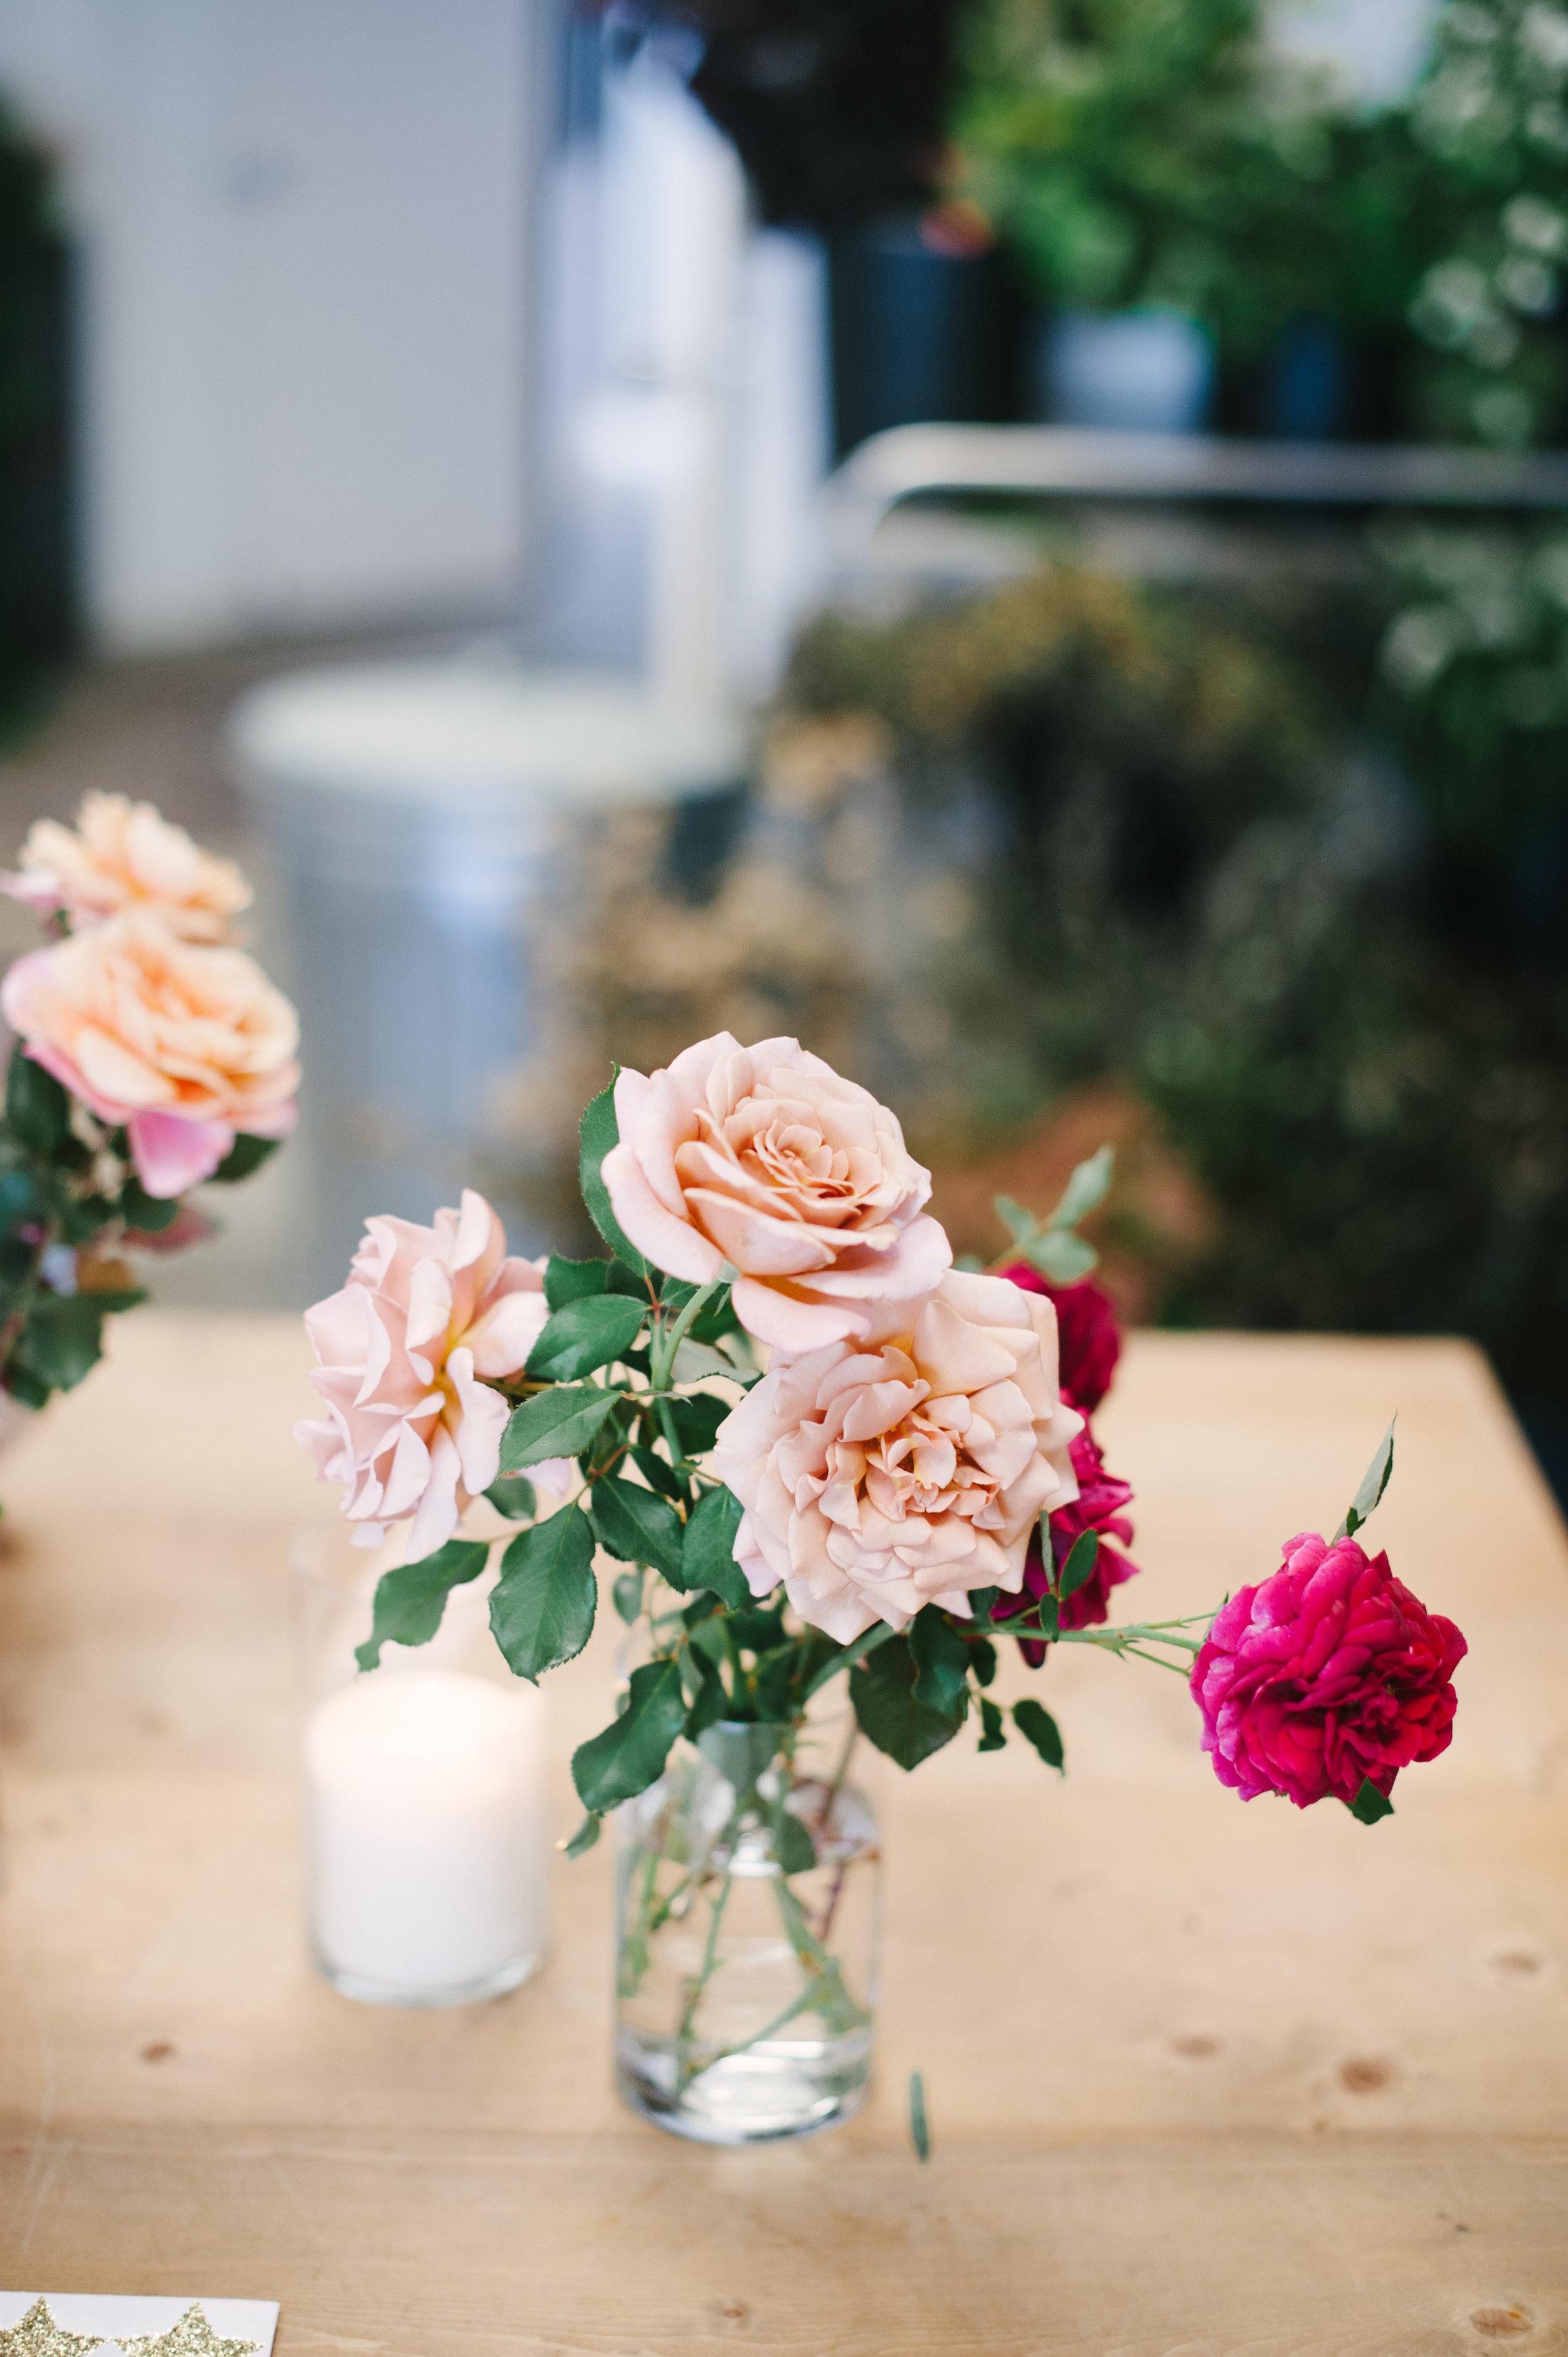 siren-floral-co-plenty-of-petals-romantik-floral-centerpiece-workshop-1.jpg